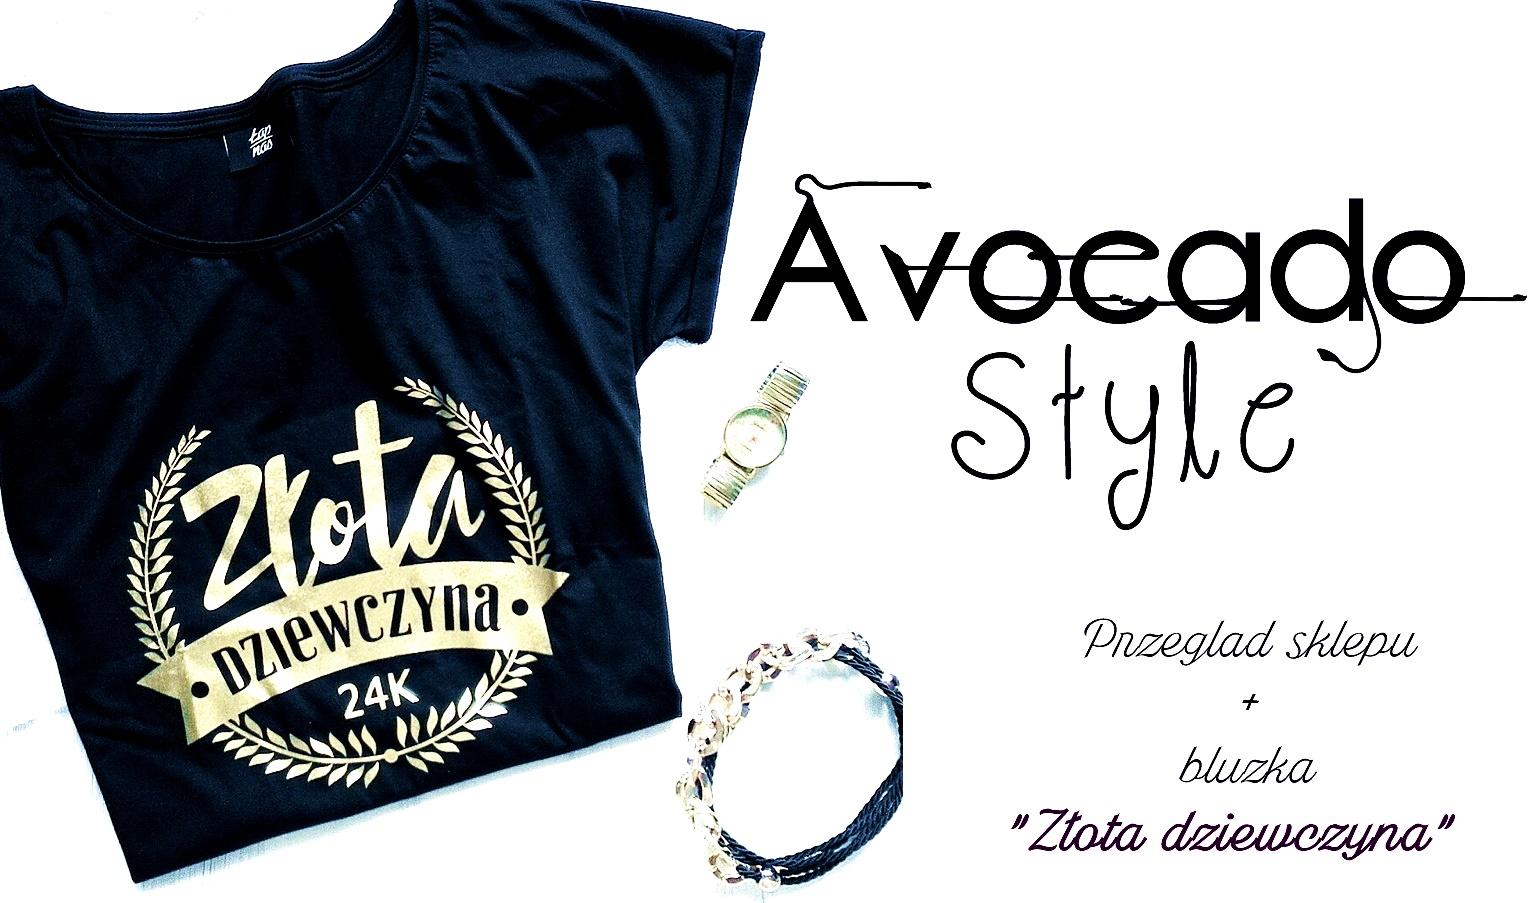 Avocado Style | Przeglad sklepu | Bluzka 'Zlota dziewczyna'